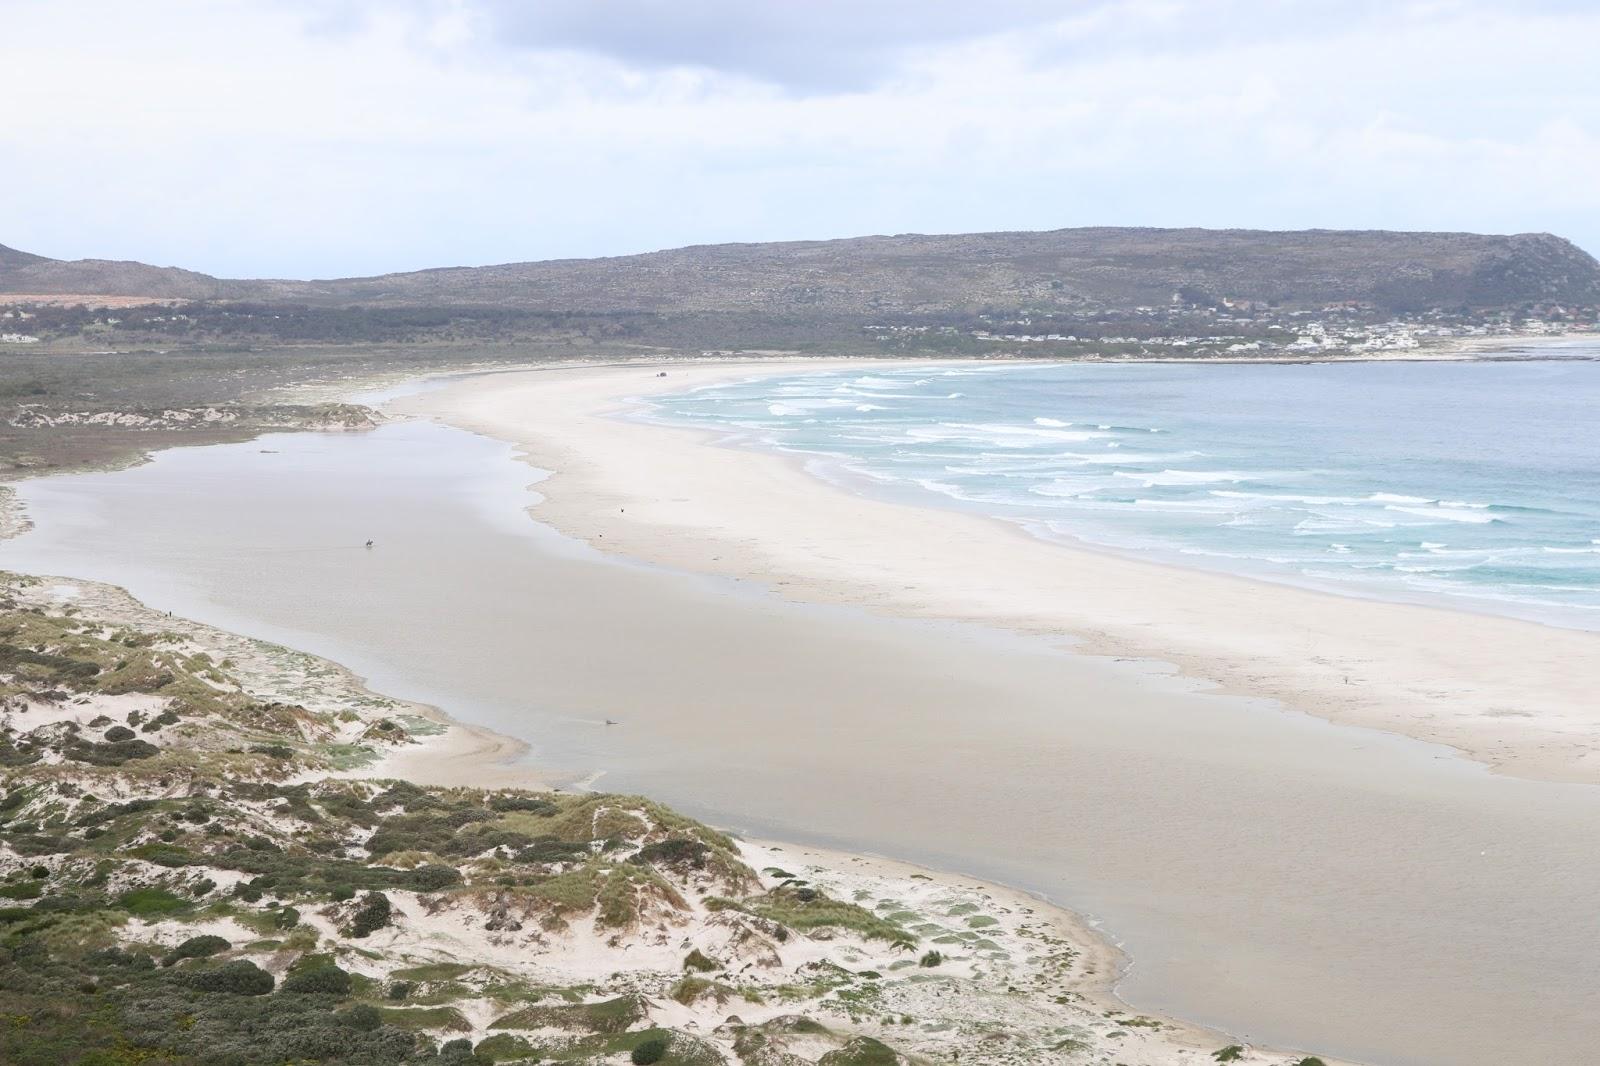 Cape Peninsula Beach